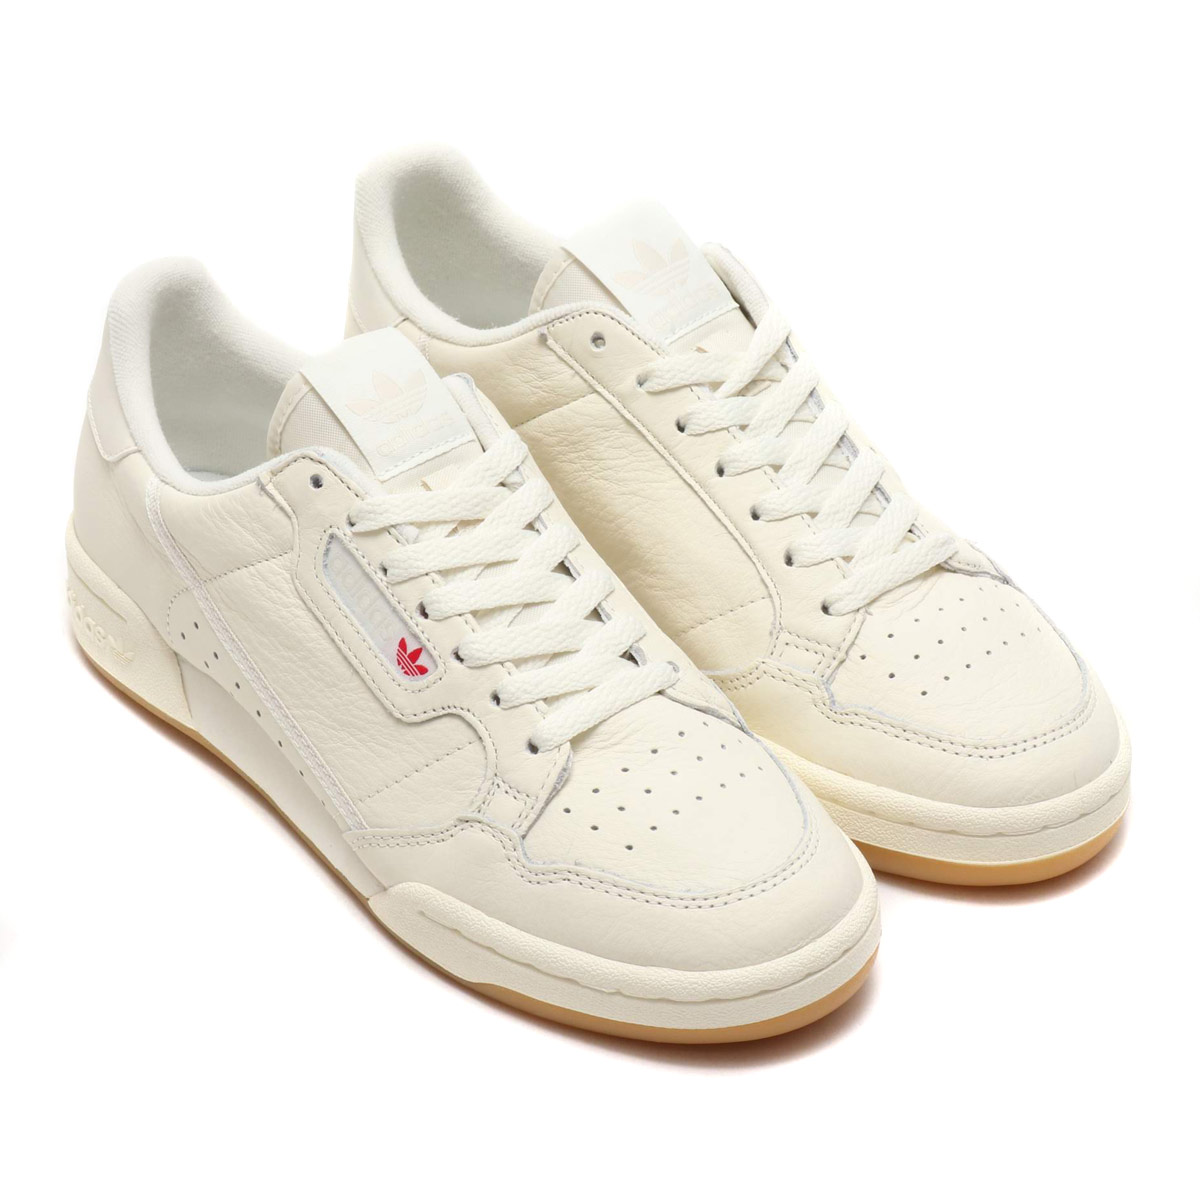 adidas Originals CONTINENTAL 80 (アディダスオリジナルス コンチネンタル 80)OFF WHITE/WHITE/GUM【メンズ レディース スニーカー】19SS-I